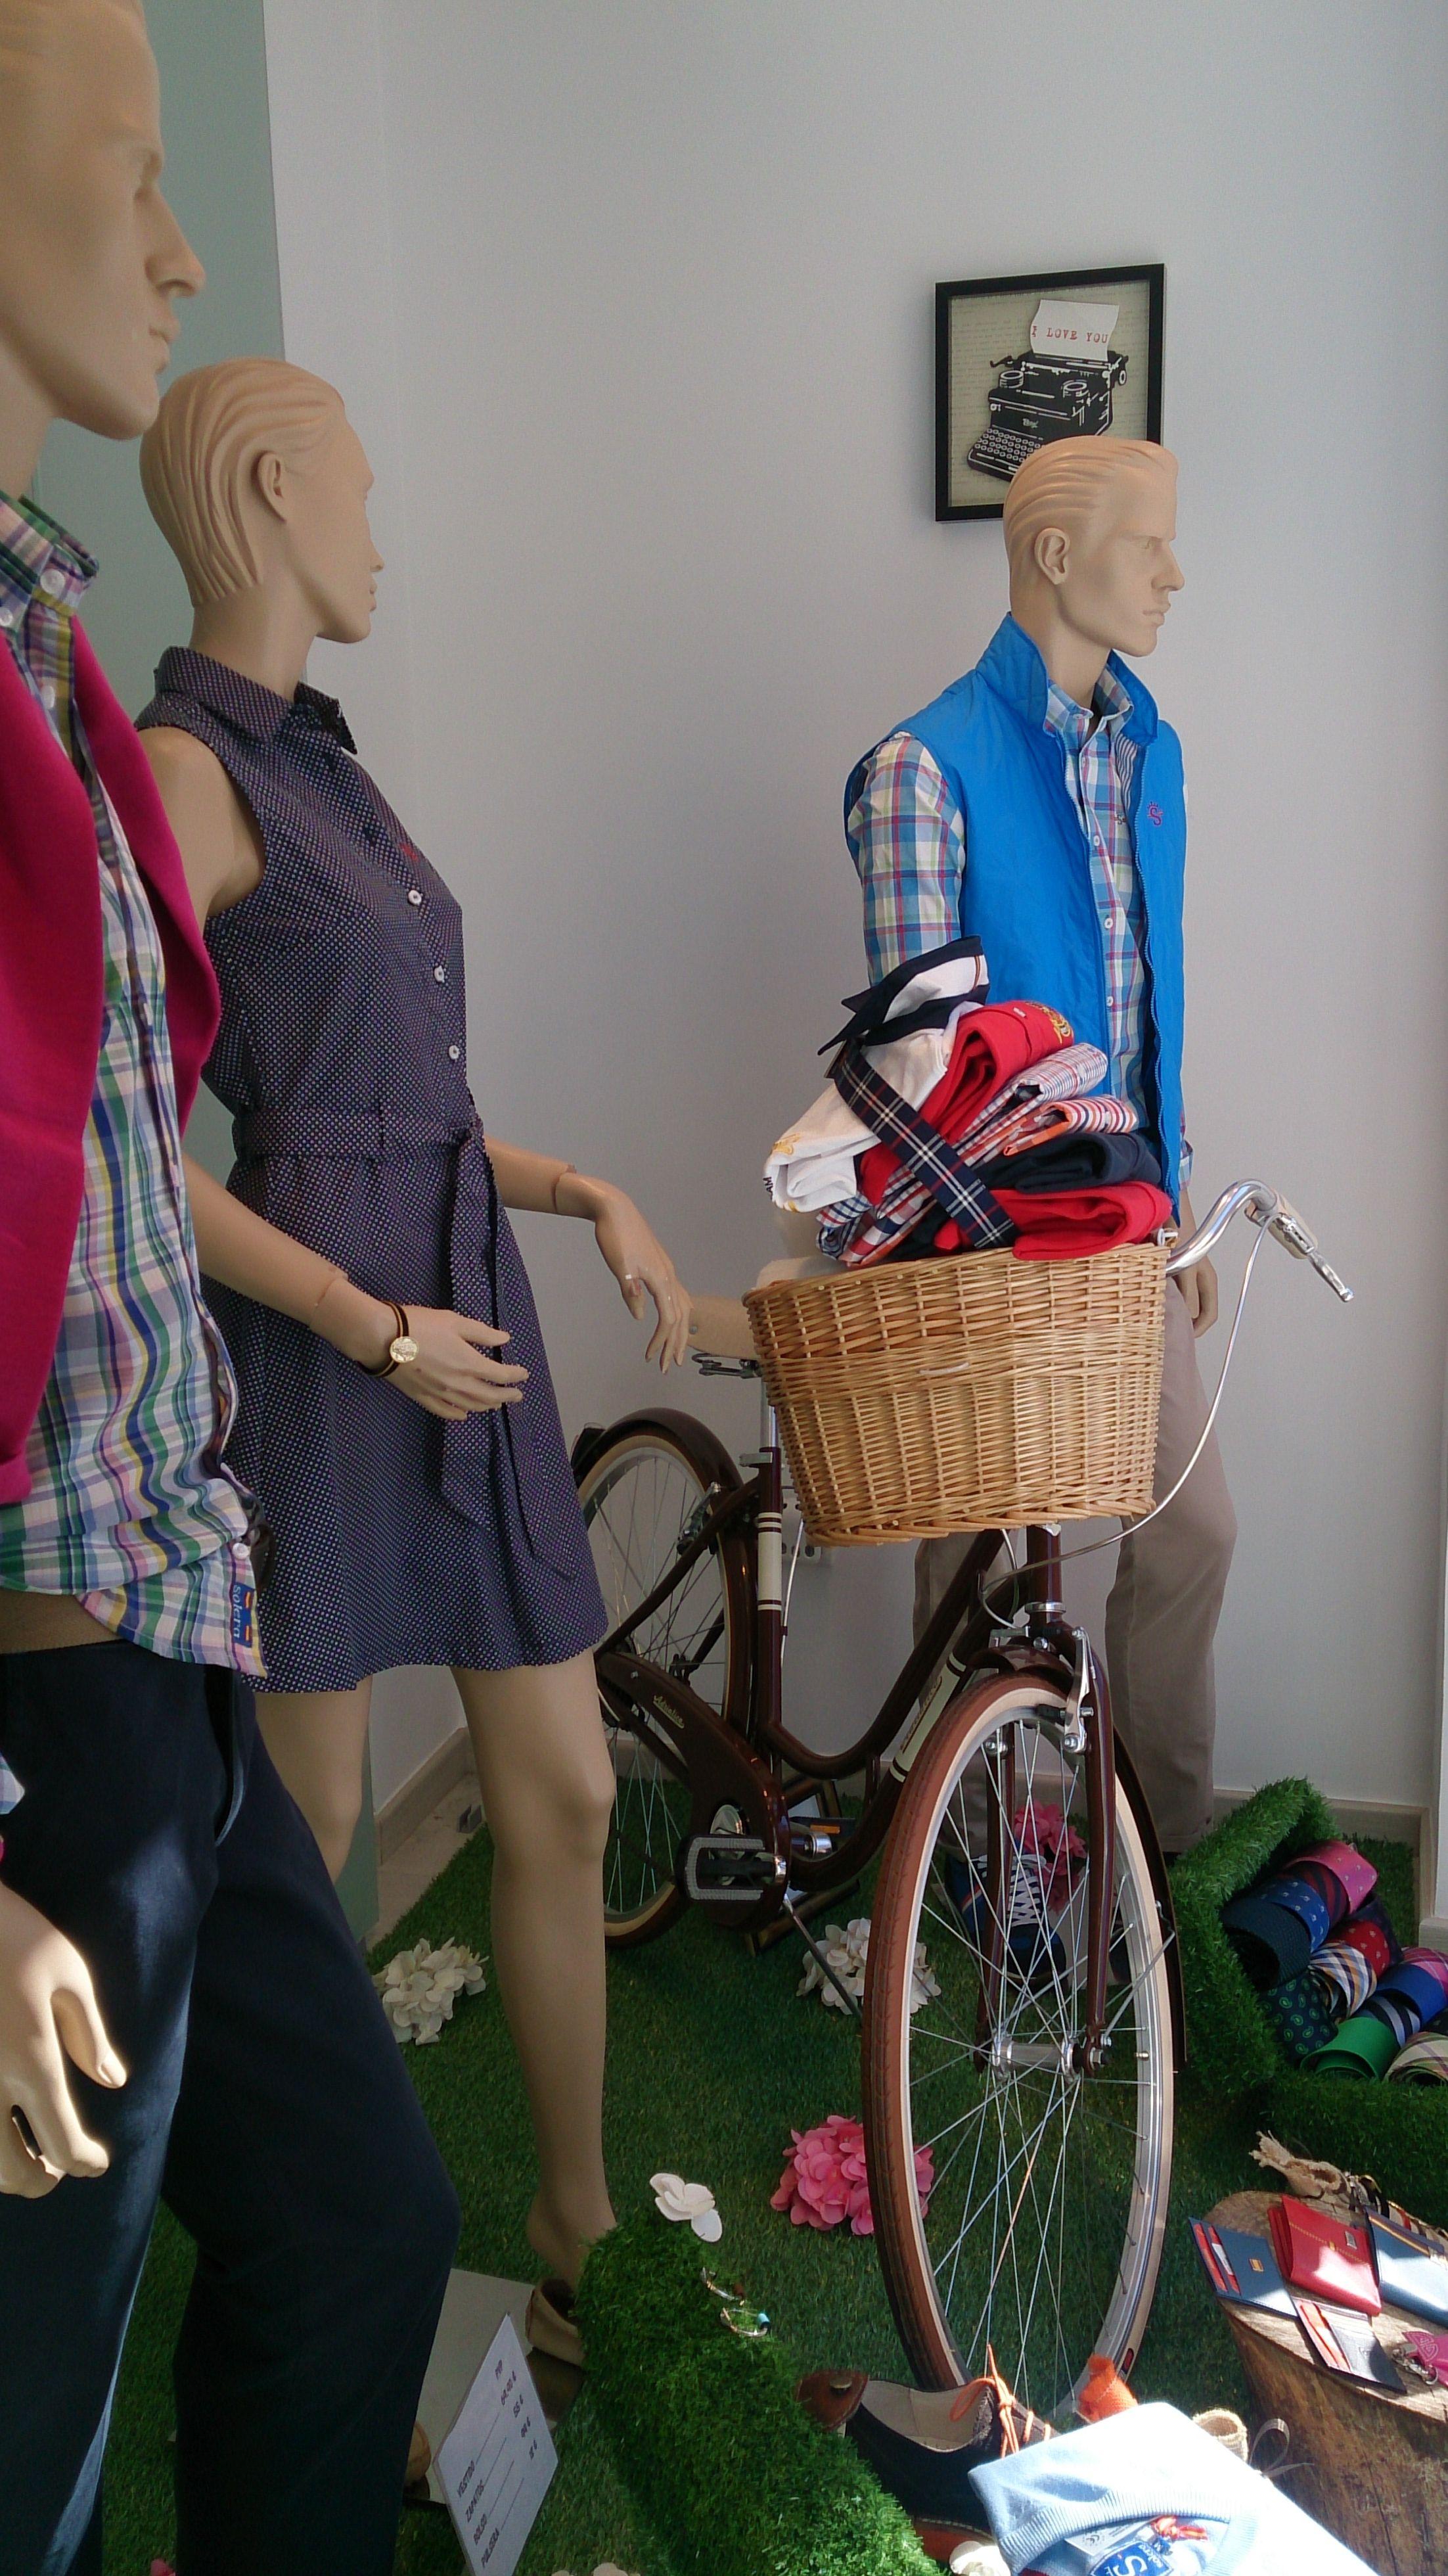 Bicicleta #Adriatica modelo Danish en el escaparate de la tienda Solera MIlla de Oro en C/ Narvaez, Madrid